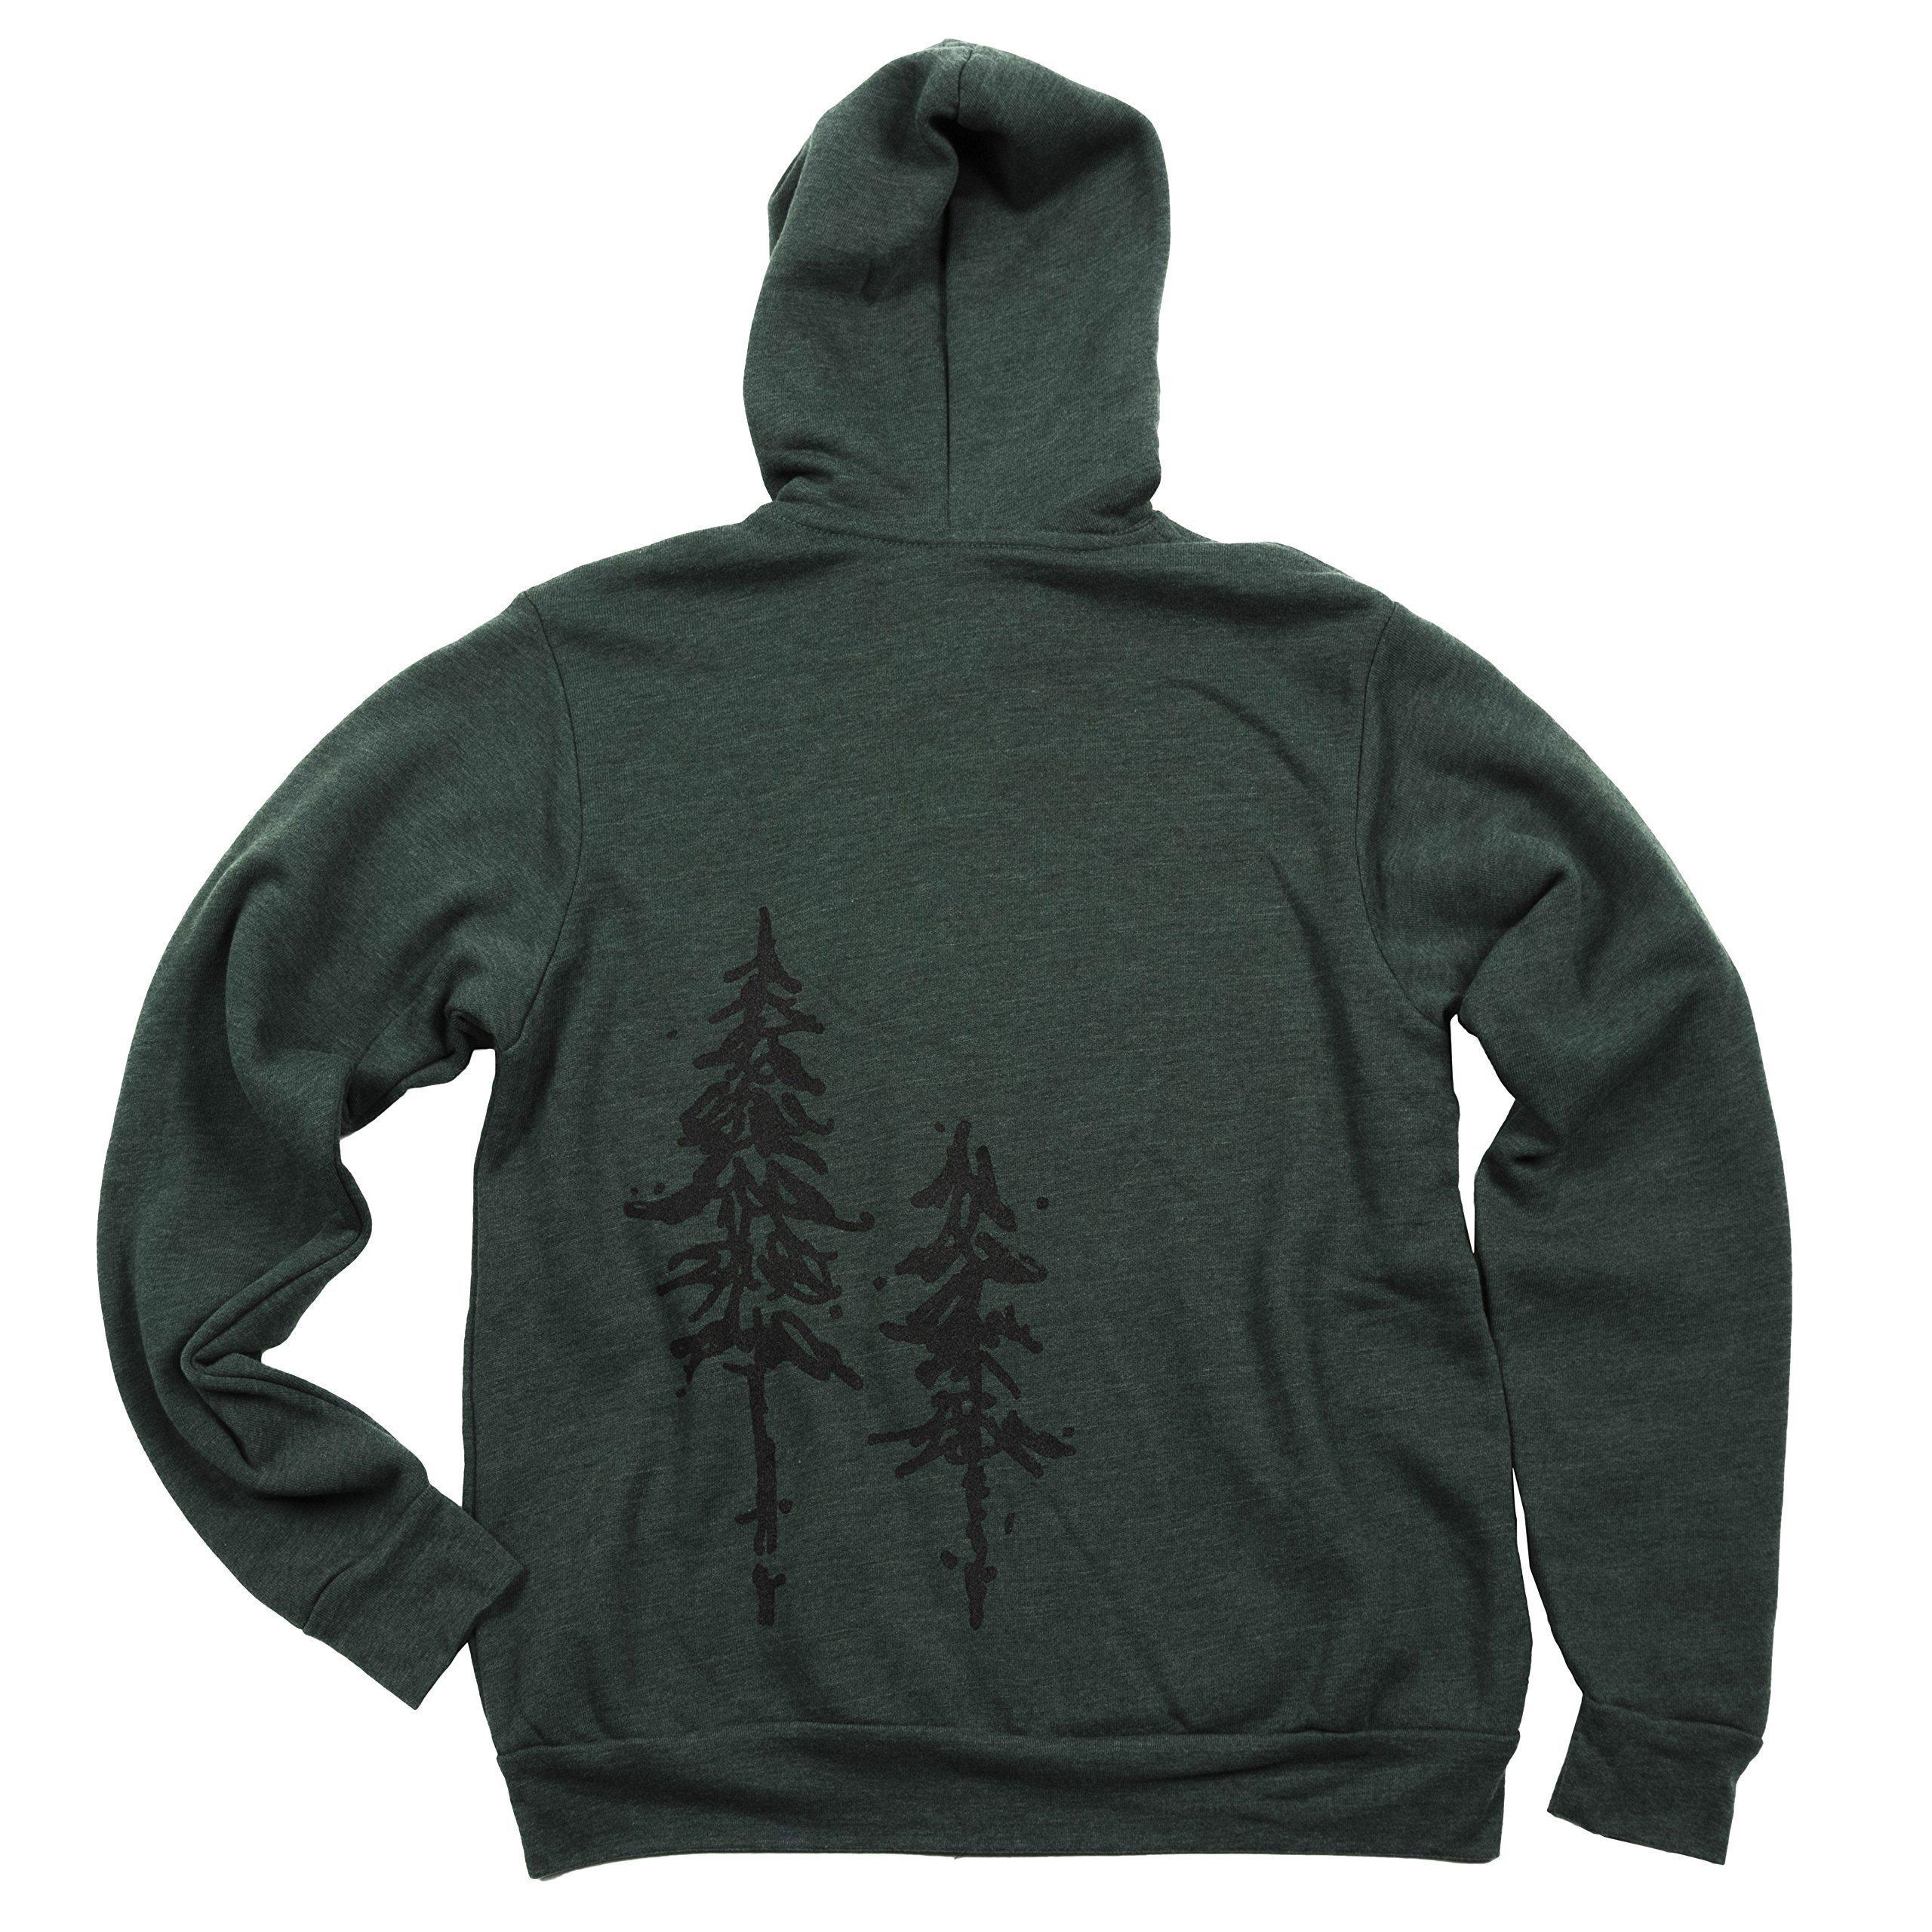 Pine Trees Men's Fleece Zip-Up Hoodie